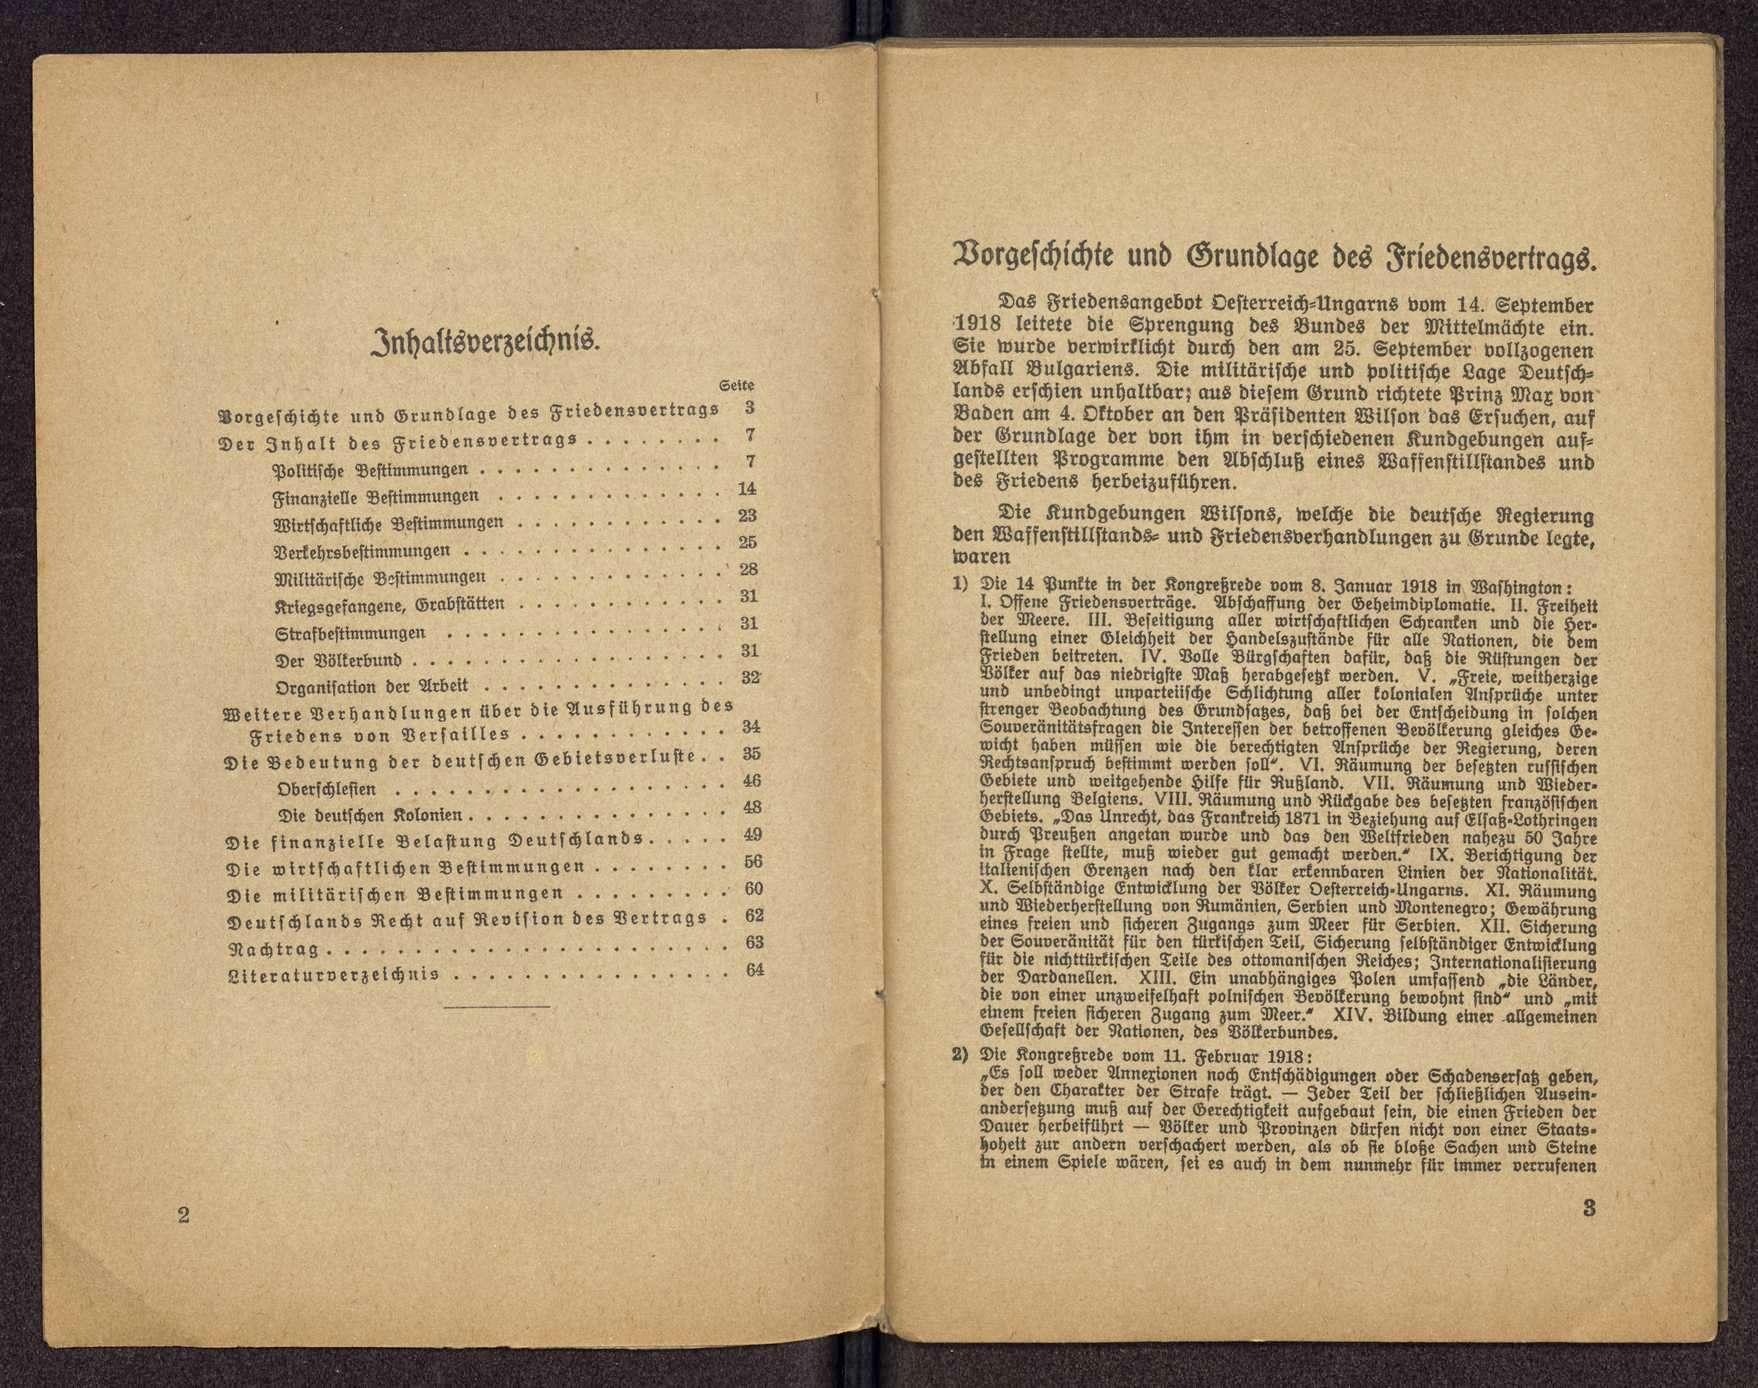 Dr Albert Ströhle Der Vertrag Von Versailles Und Seine Wirkungen Für